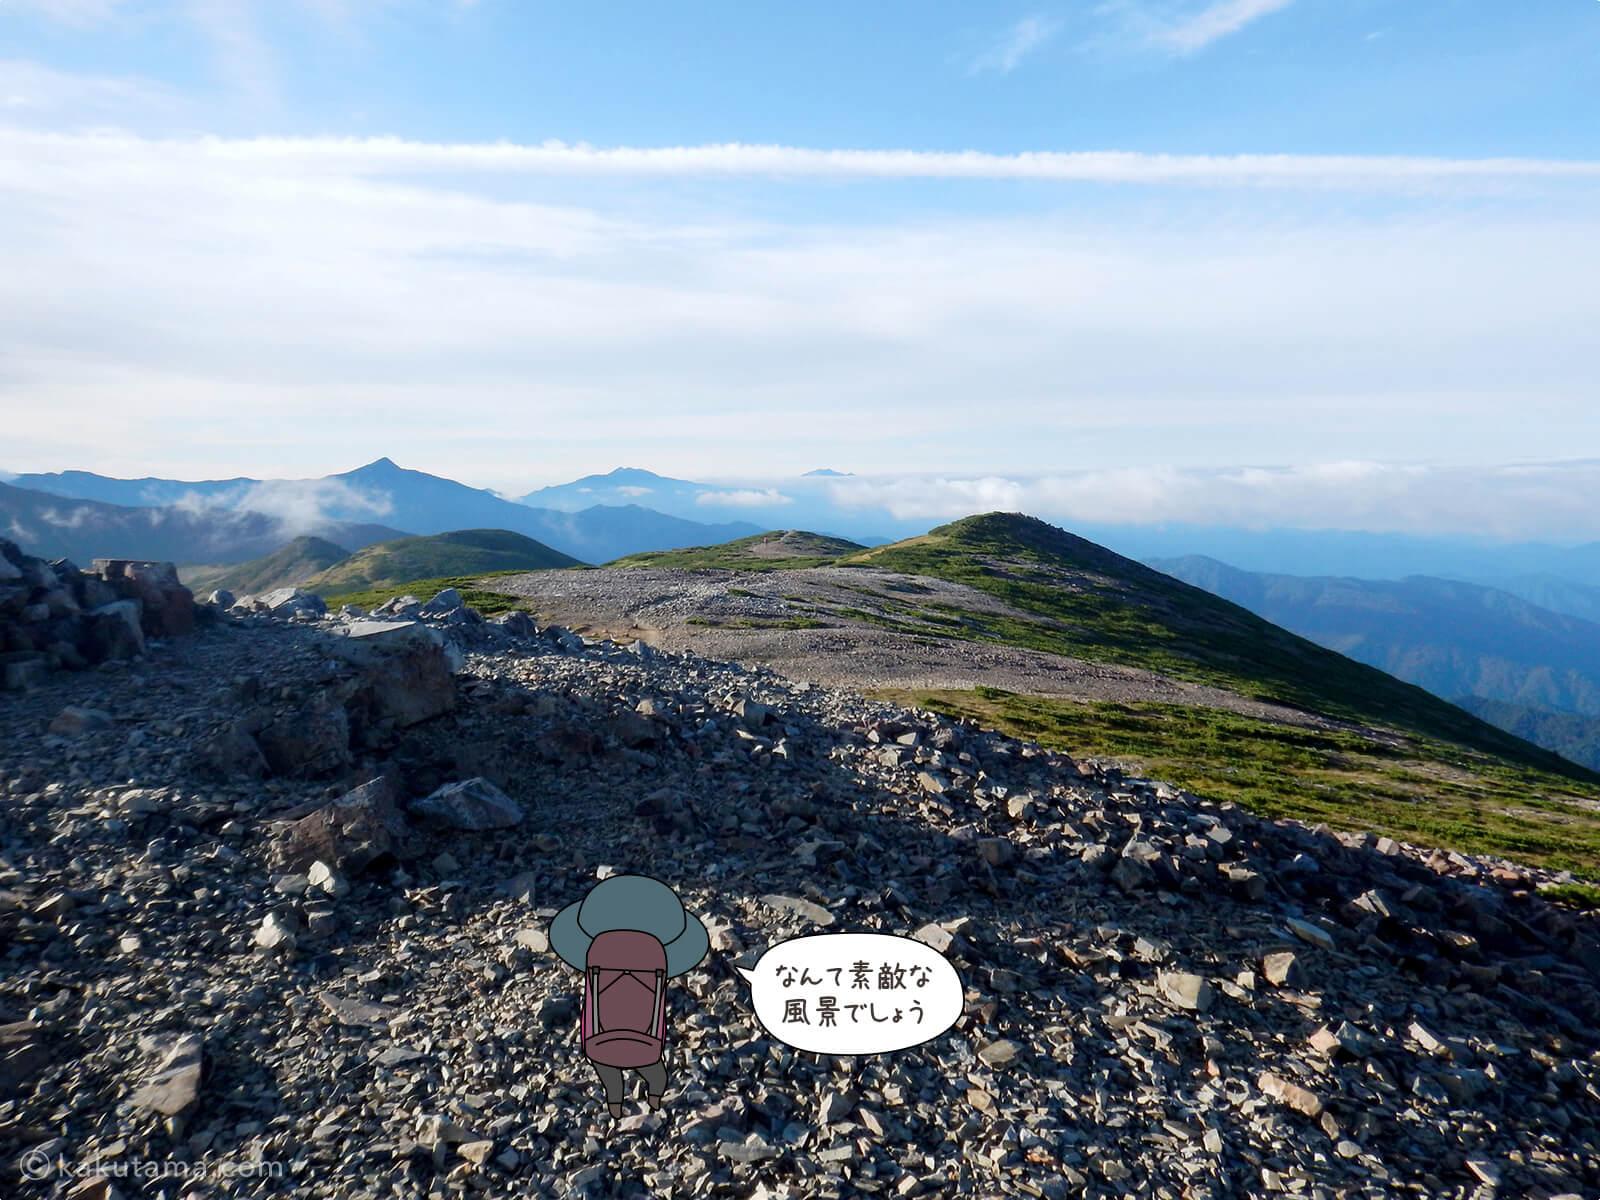 北ノ俣岳からの眺め2